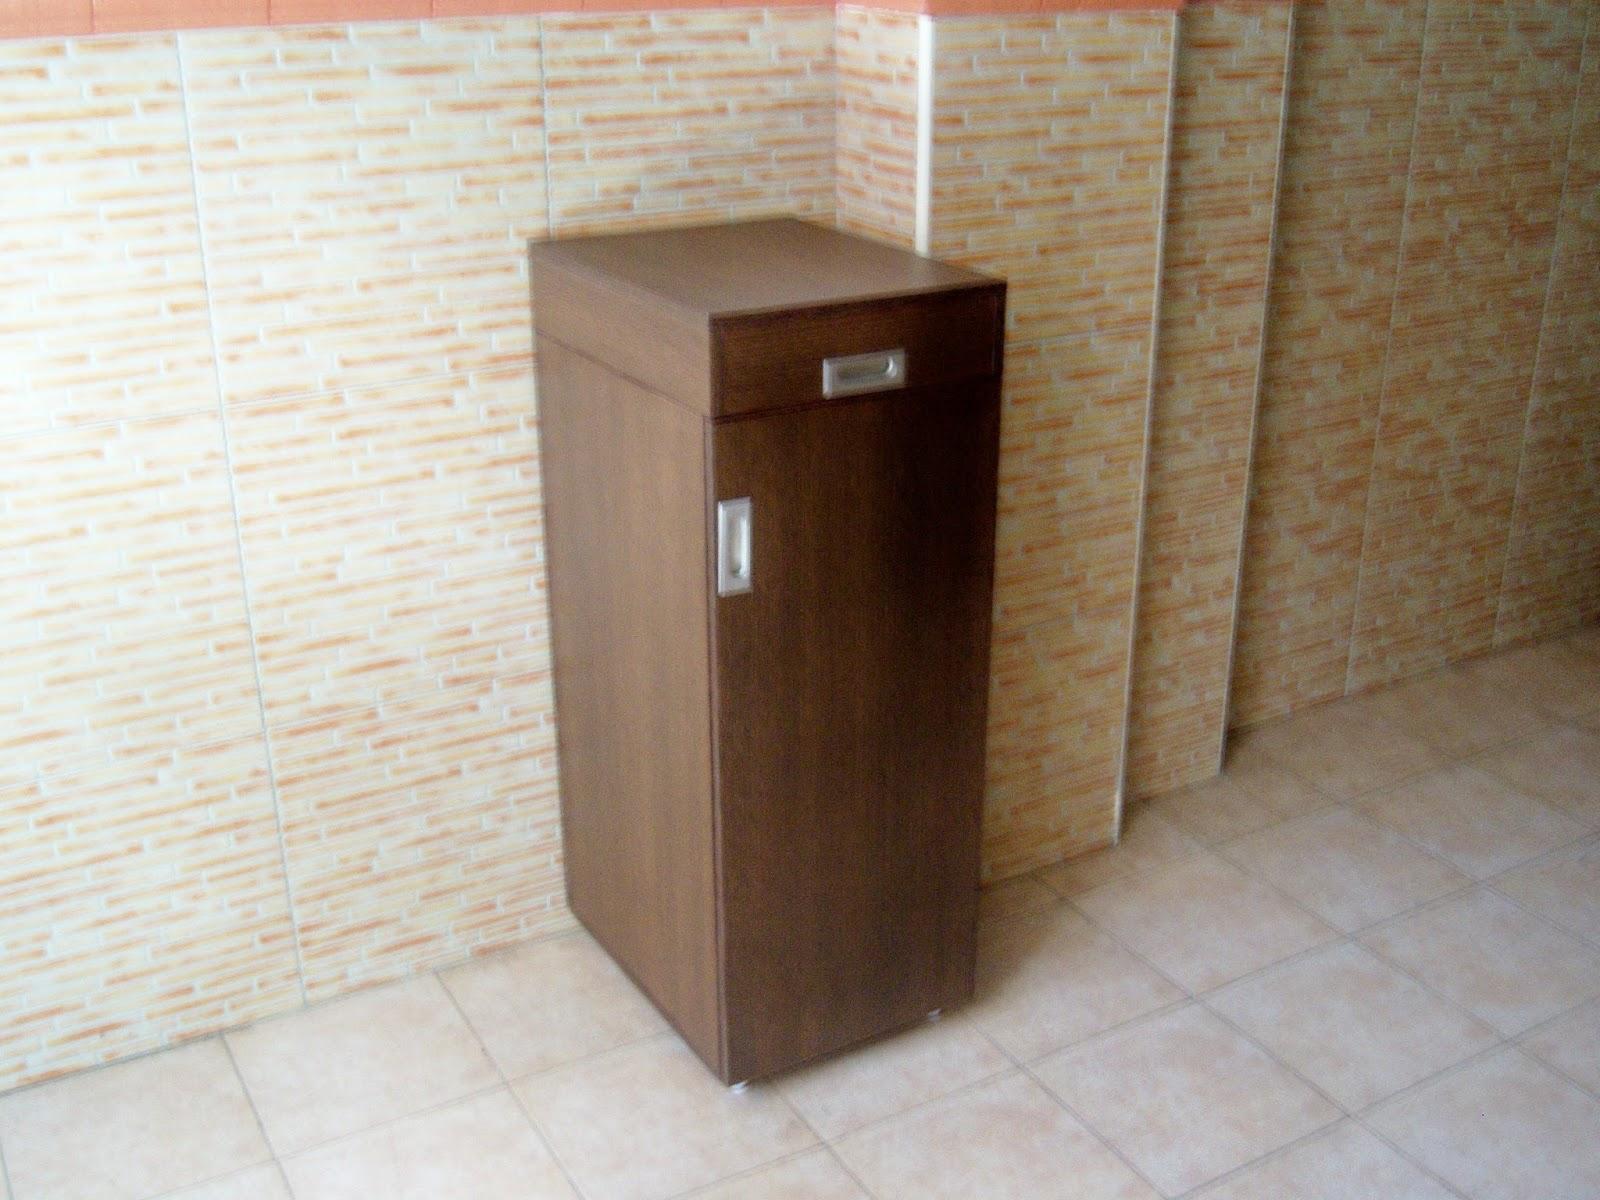 Bricolaje y aeromodelismo de pepe bosc bricolaje mueble - Mueble para guardar tabla de planchar ...